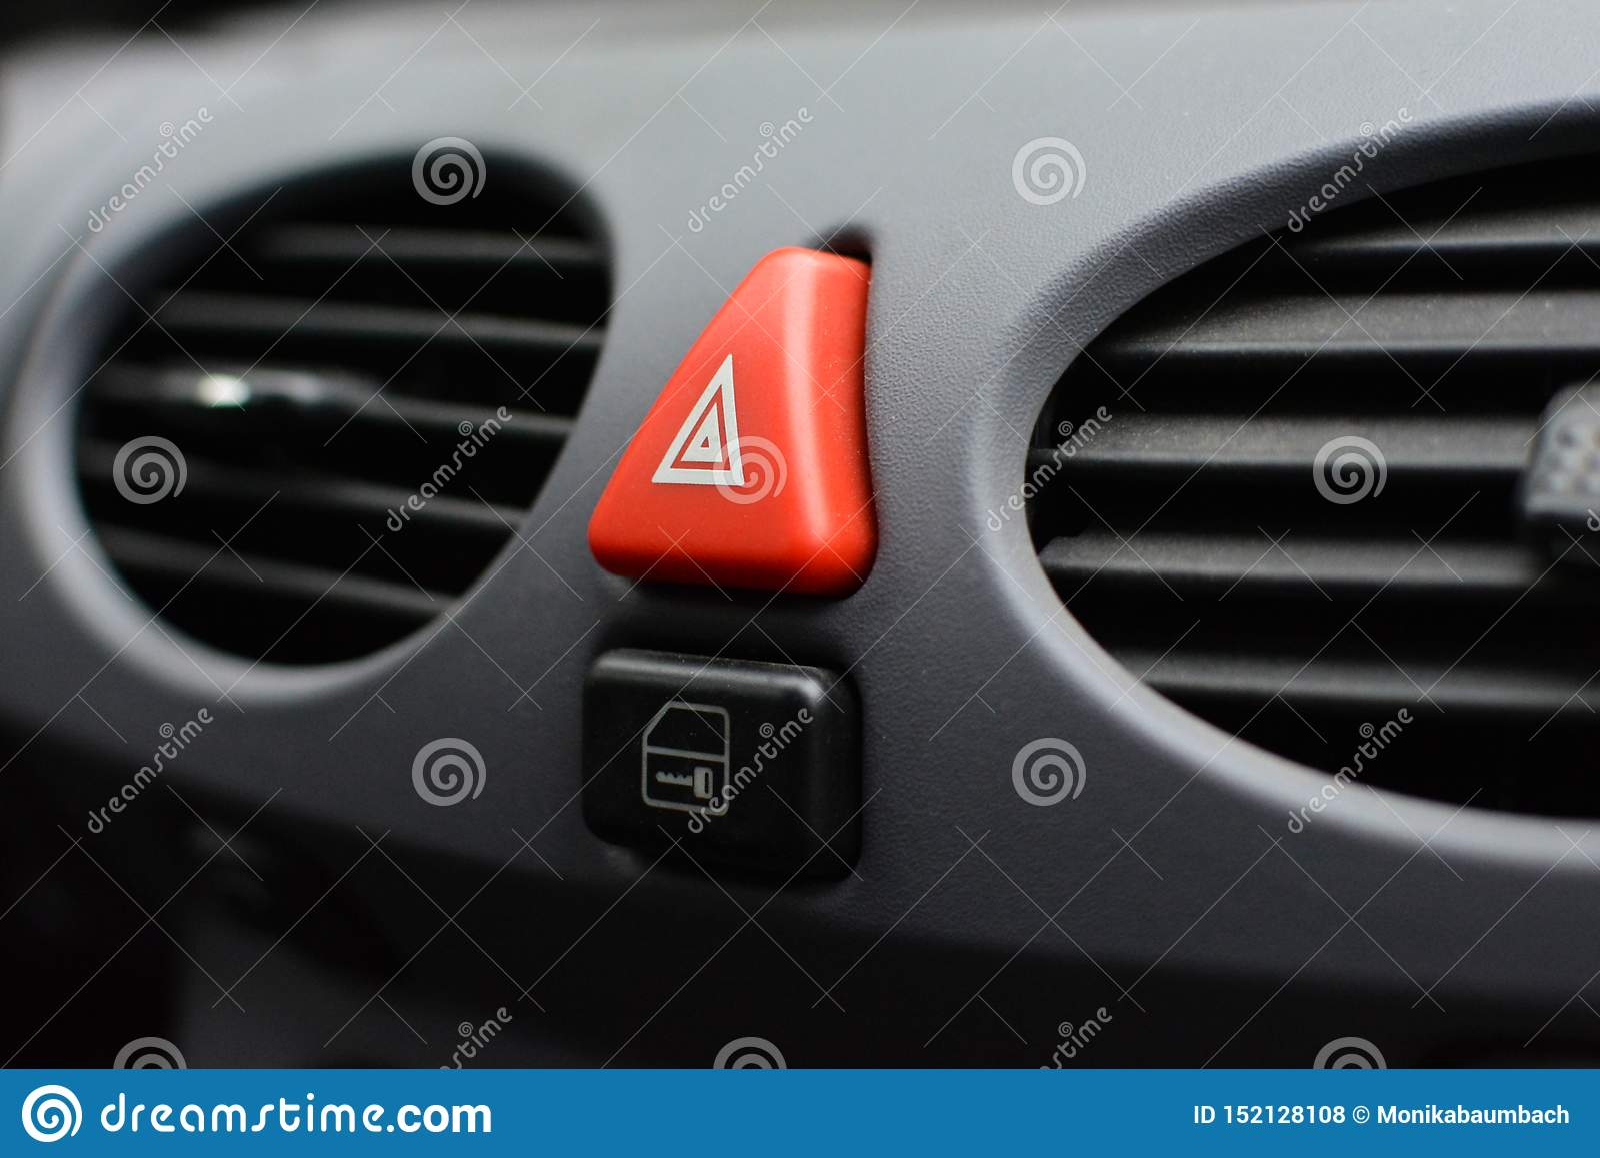 Triangular Red Hazard Flasher Button Inside Car Interior